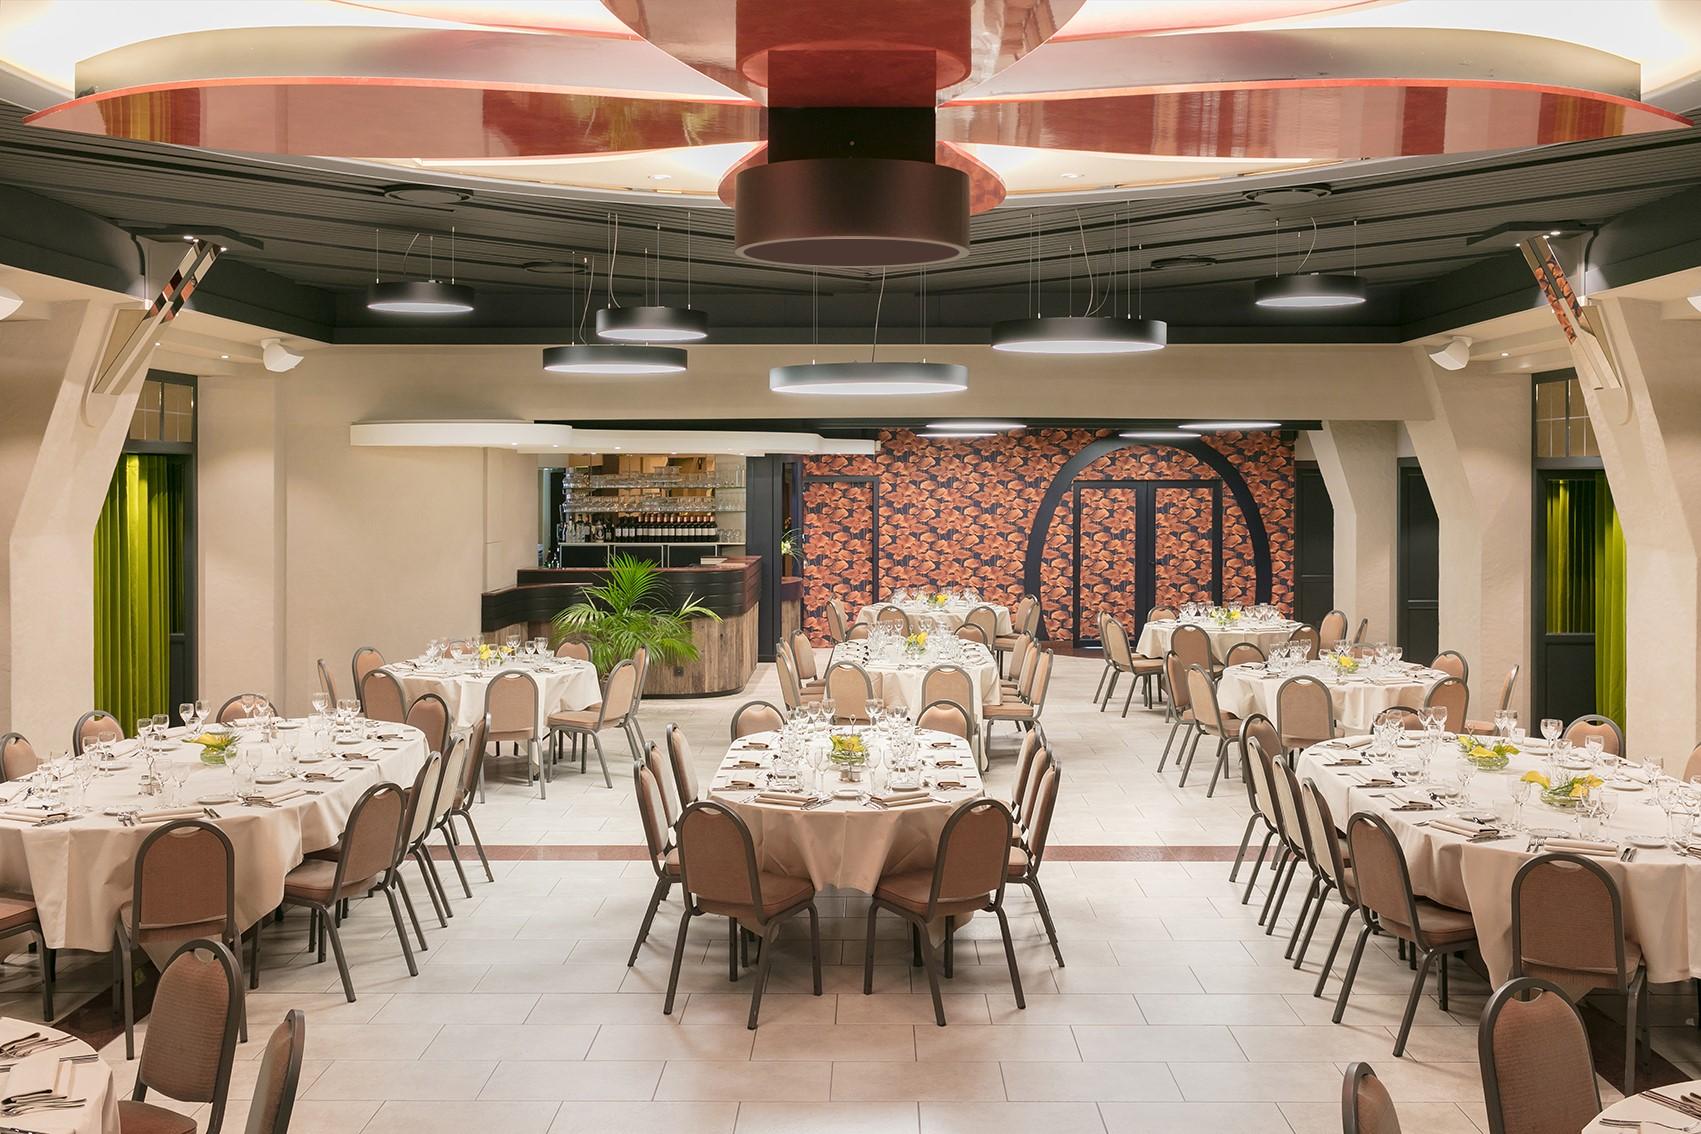 Gasthof Palace Feestzaal Gastronomie Restaurant Tearoom Kluisberg | Salles des fêtes Mont de l'Enclus